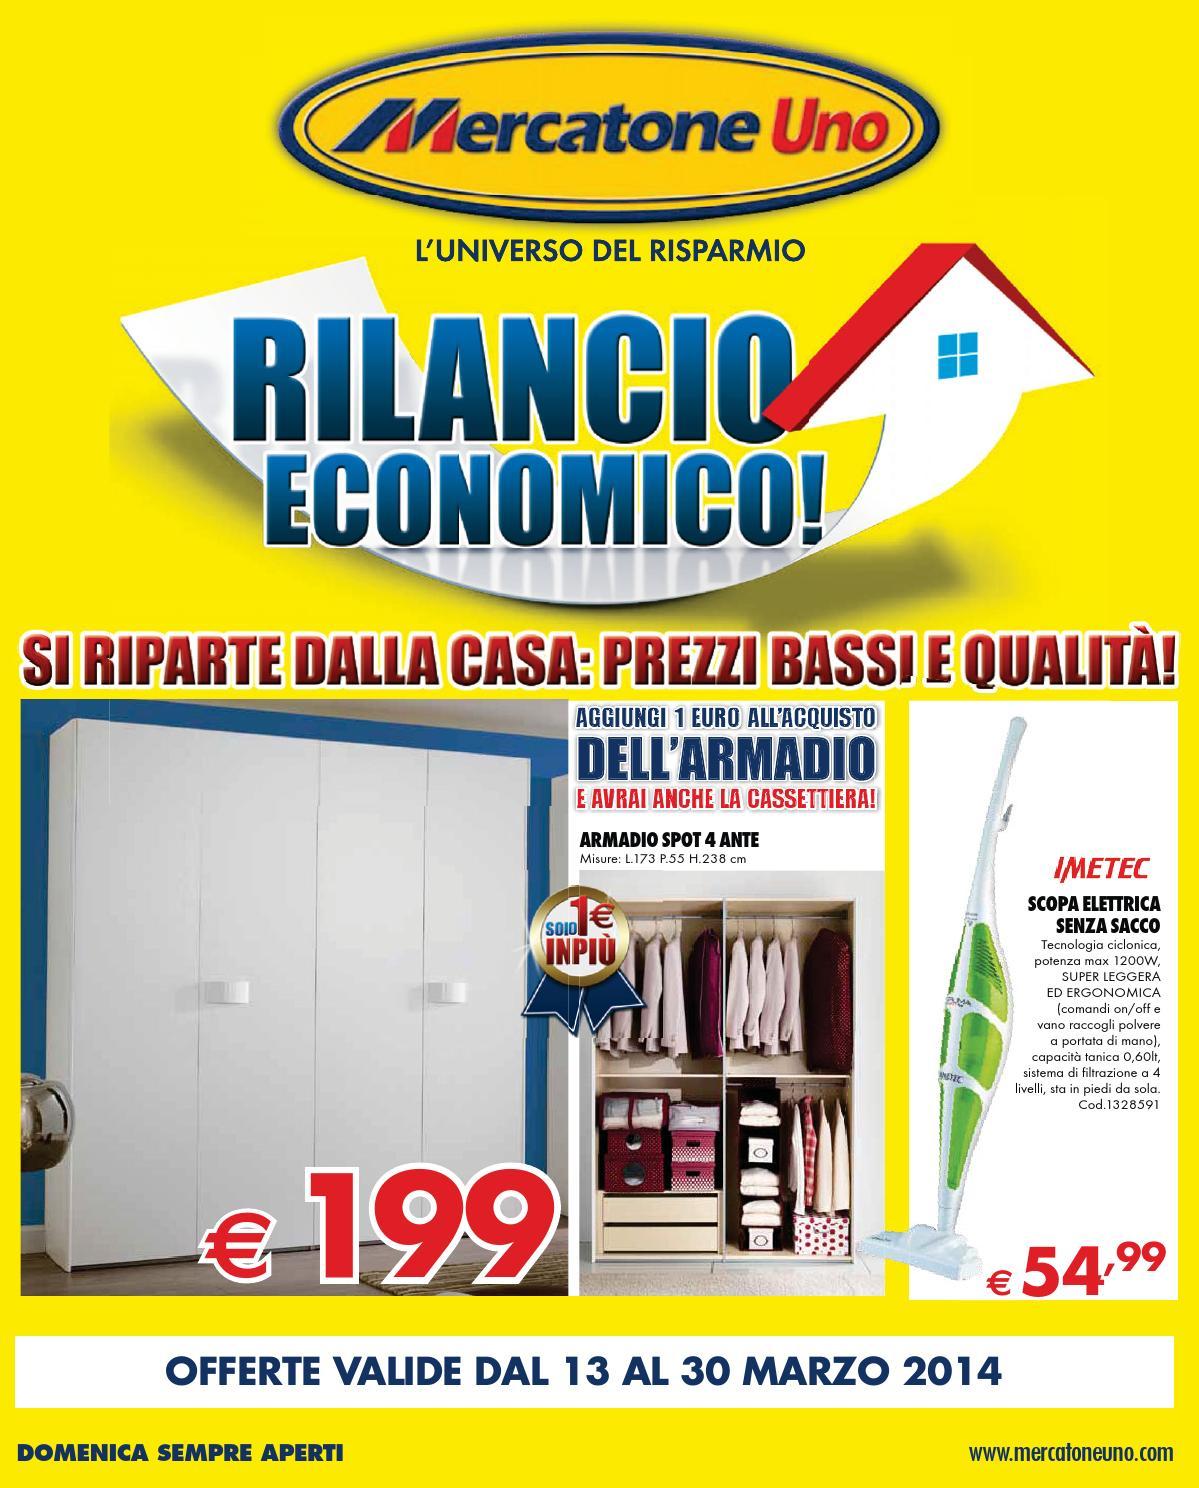 Mercatone uno rilancio economico by Mobilpro  issuu